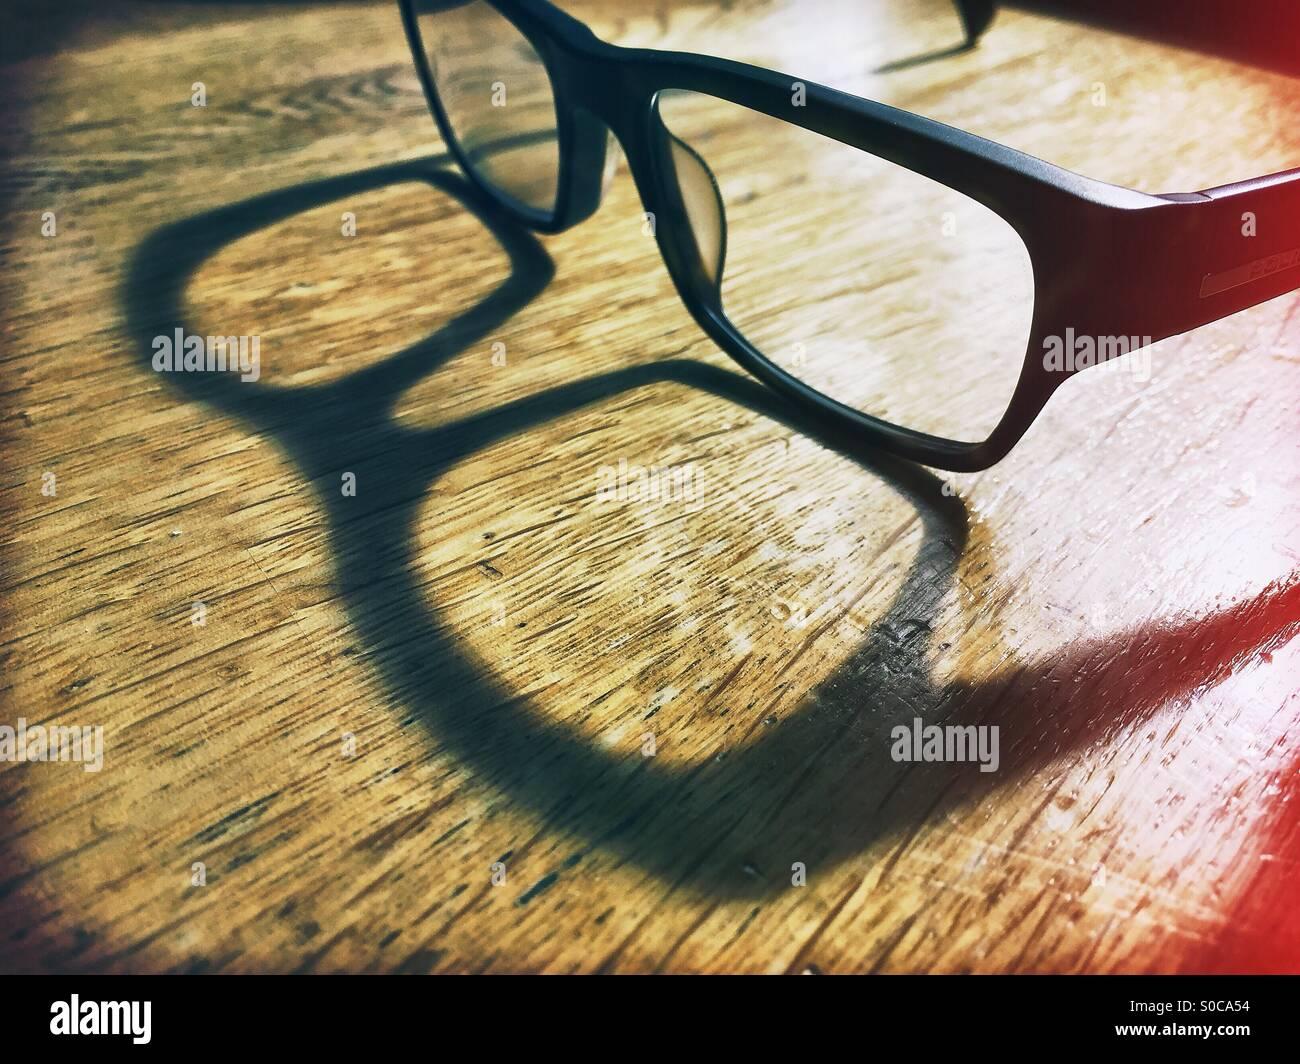 Una coppia di spesso bordata gli occhiali da lettura seduto su una scrivania in legno getta un' ombra in presenza Immagini Stock